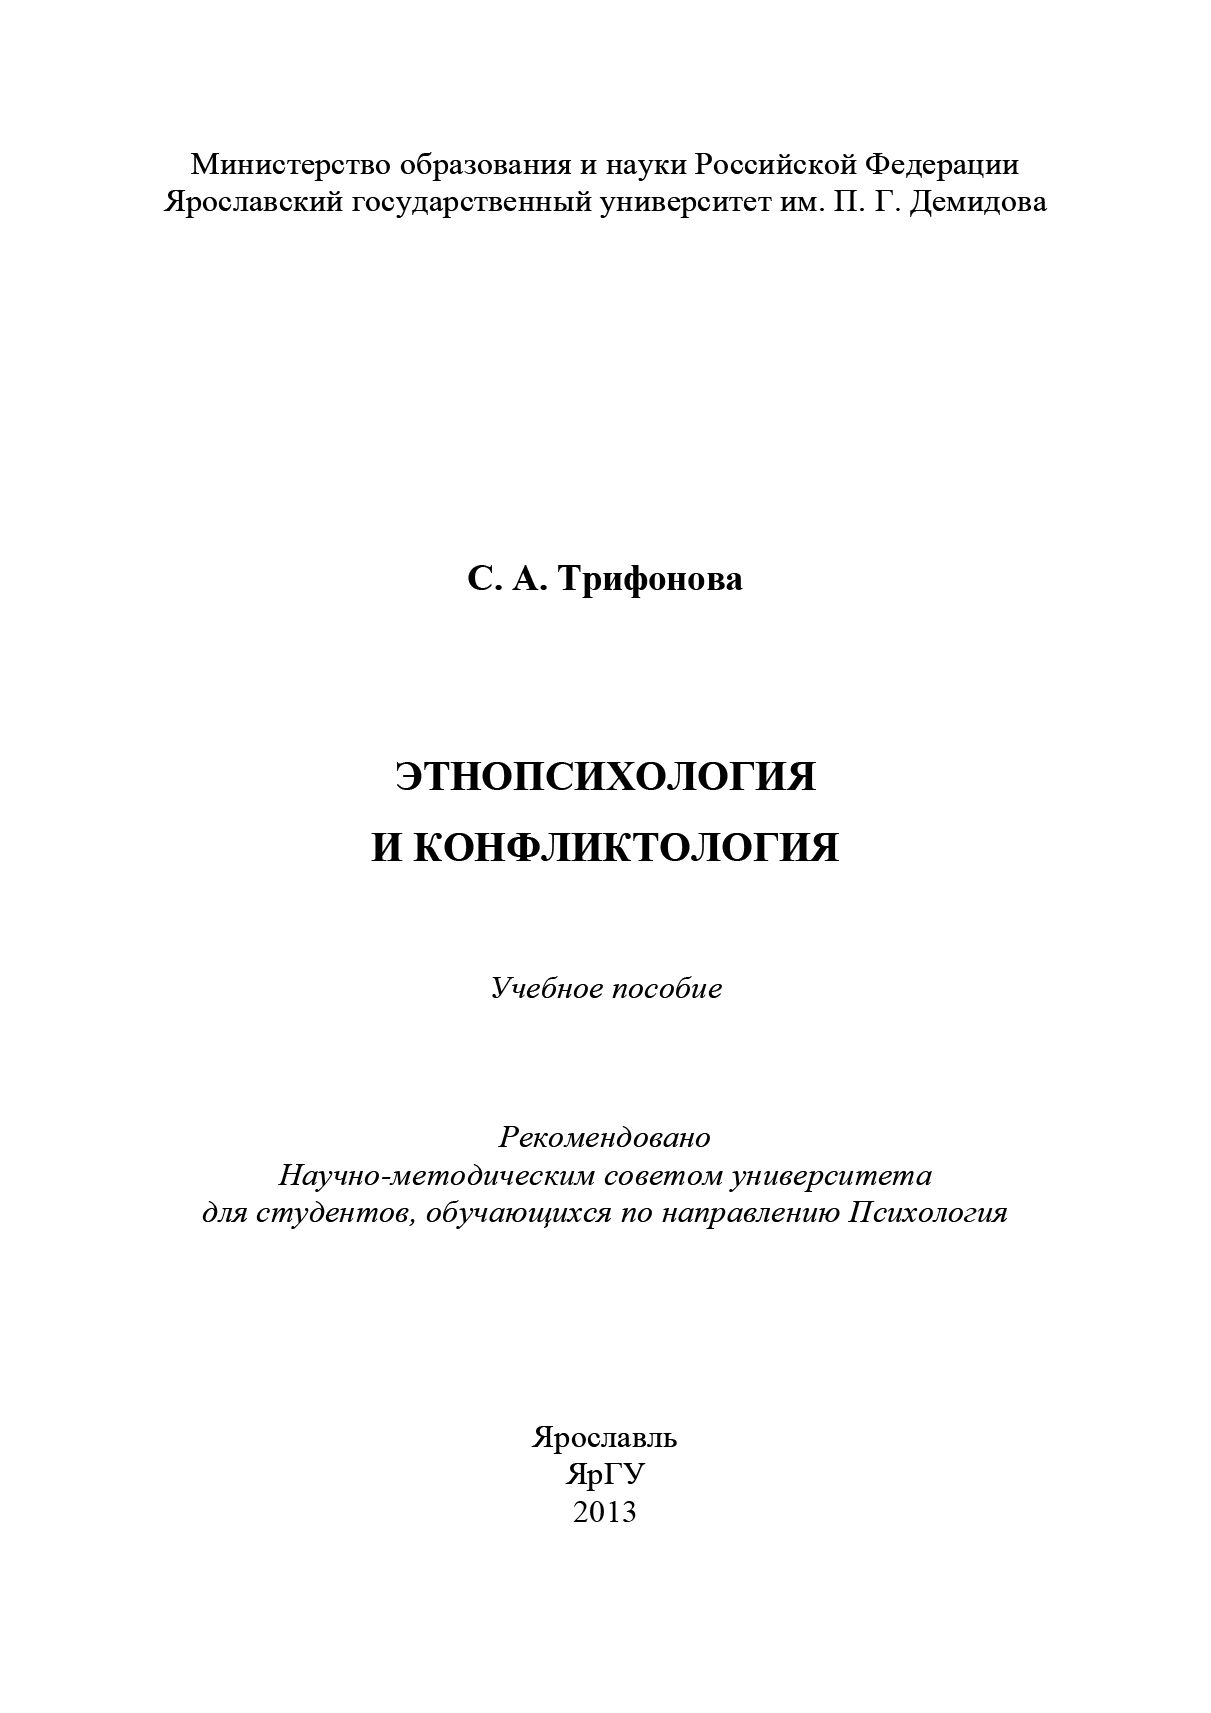 С. Трифонова Этнопсихология и конфликтология трифонова